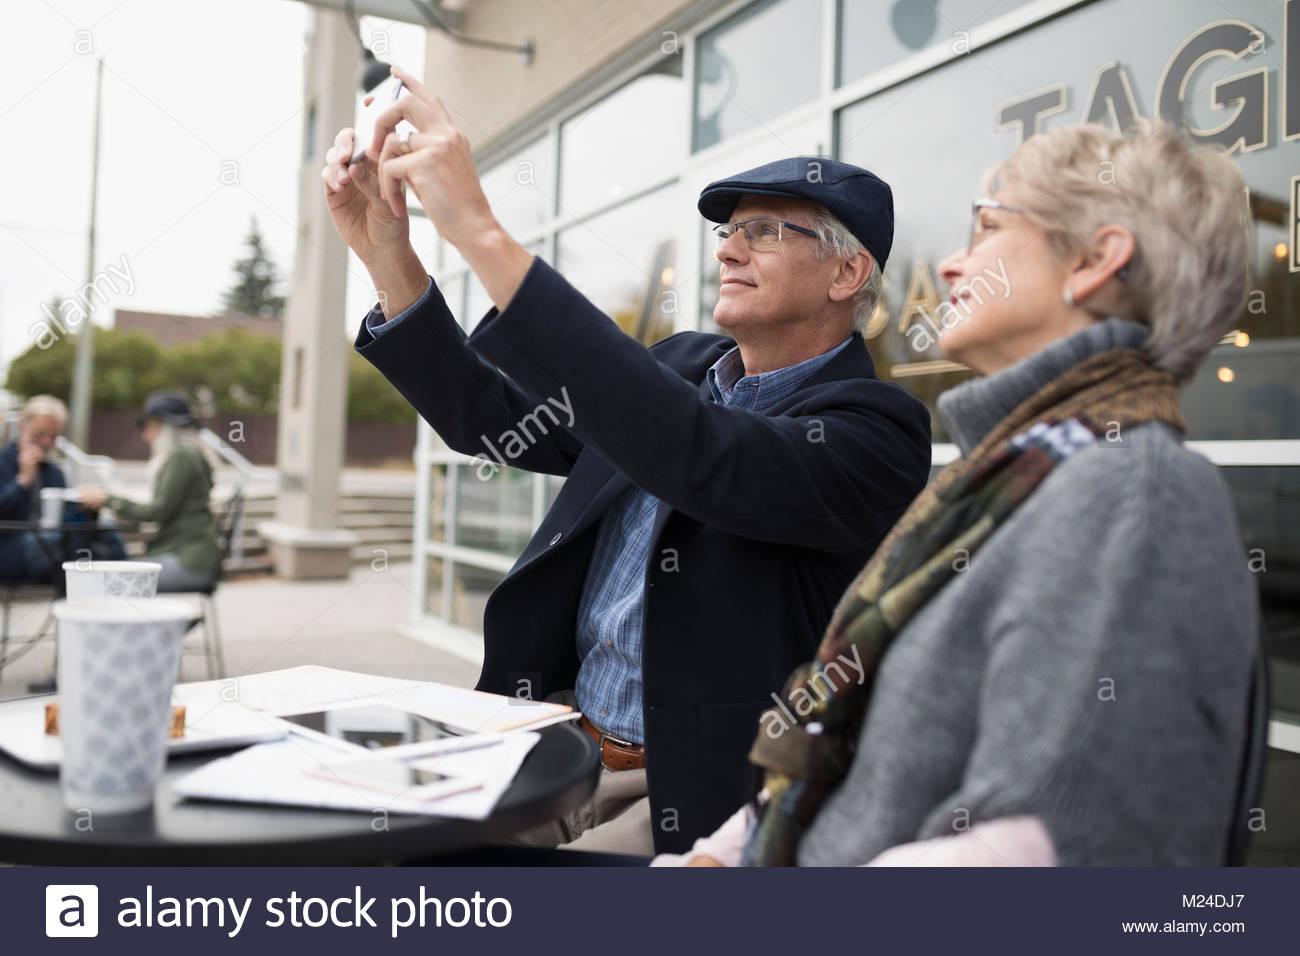 Senior couple using camera phone at sidewalk cafe - Stock Image